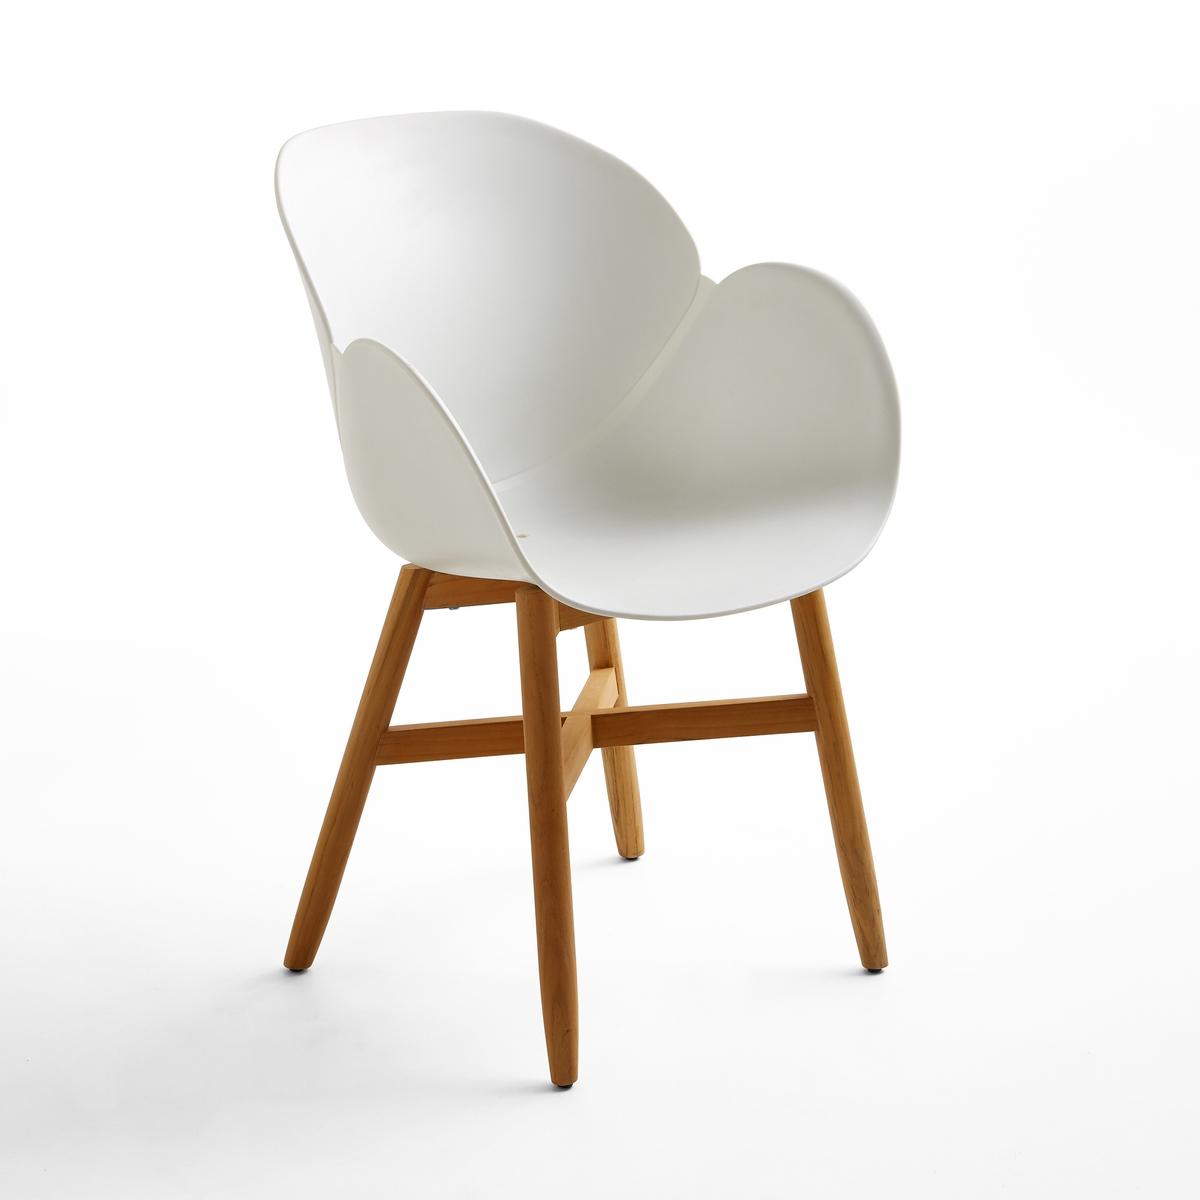 Кресло для сада с сиденьем в форме раковины, JimiКресло для сада с сиденьем в форме раковины Jimi. Кресло для сада Jimi, прочная обивка сиденья из полипропилена, крепкие ножки из тика FSC®*.Характеристики кресла для сада с сиденьем в форме раковины Jimi :Сиденье в форме раковины и подлокотники из полипропилена.Расширяющиеся ножки из тика FSC®*, с натуральной отделкой .Всю коллекцию мебели для сада и стулья того же набора Jimi вы можете найти на сайте laredoute.ruРазмеры кресла для сада с сиденьем в форме раковины Jimi :Общие размерыДлина : 58 см  Высота : 85,5 смГлубина : 58 см  Сиденье : Ш.42 x Г.48 смРазмеры и вес упаковки :1 упаковка :62 x 54 x В.55 см7 кгДоставка:Товар продается готовым к сборке.Возможна доставка до двери по предварительной договоренности.Внимание! Убедитесь, что возможно осуществить доставку товара, учитывая его габариты (проходит в дверные проемы, лестничные проходы, лифты).*Ярлык FSC - Международный Лесной попечительский совет- гарантирует бережное использование природных ресурсов, сохранение биологического разнообразия и местных видов ® 1996 FSC.<br><br>Цвет: белый,черный